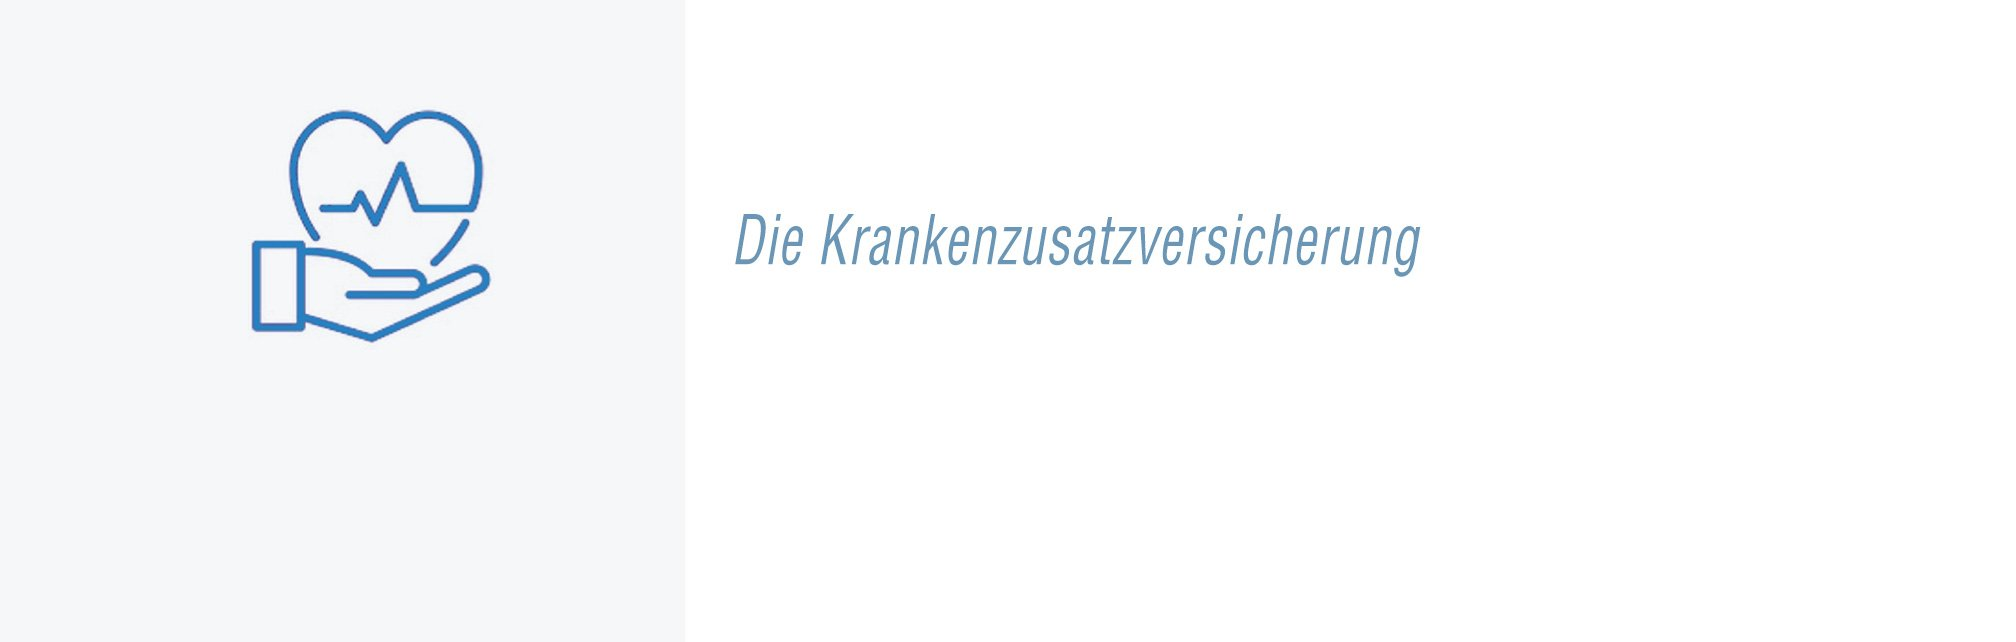 Krankenzusatz genossenschaft berlin